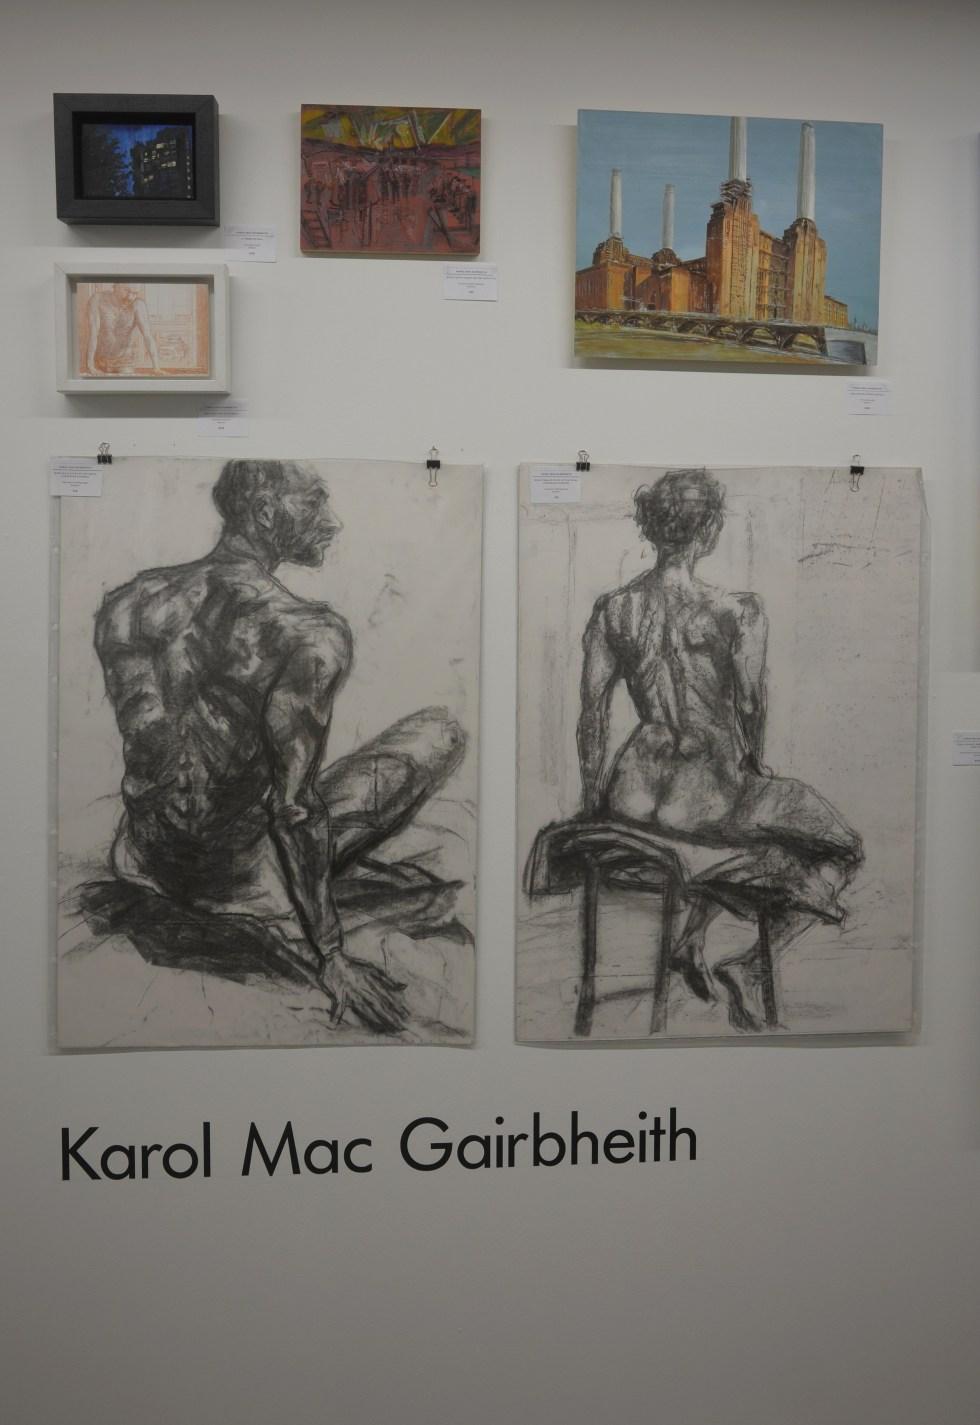 Karol Mac Geirbheith